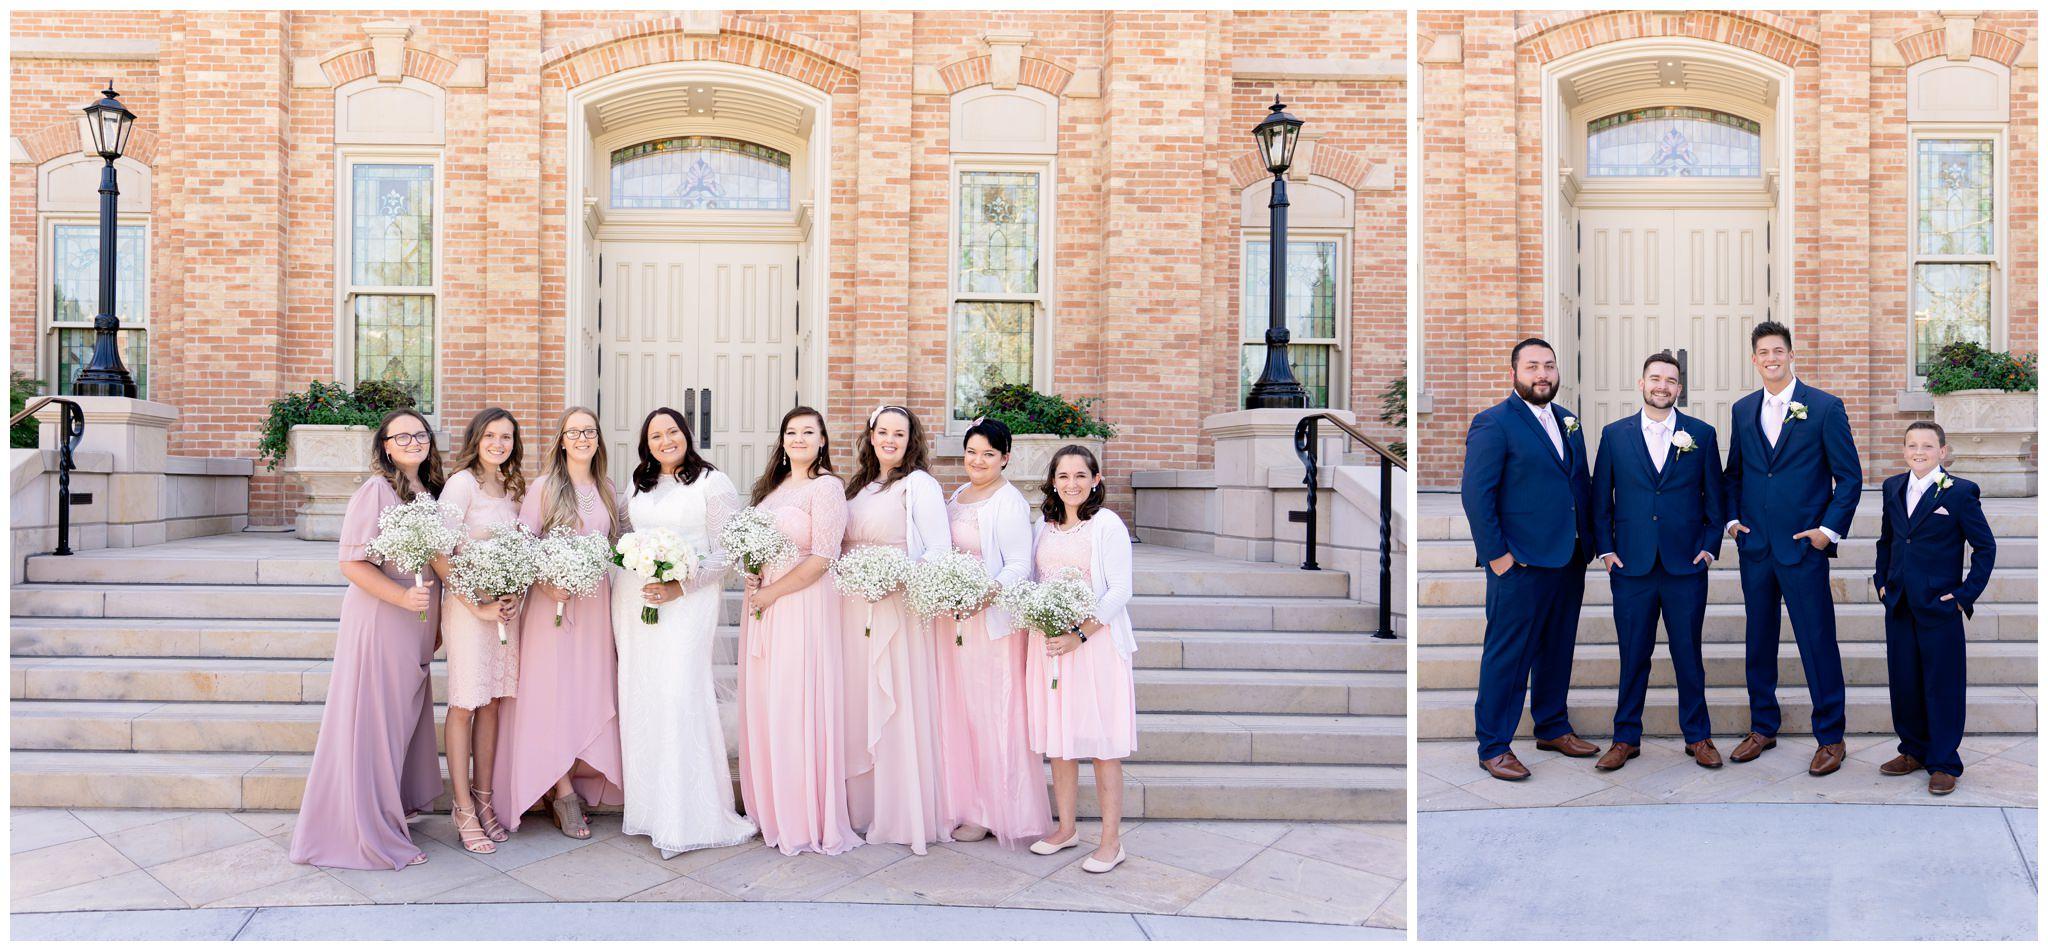 Bridesmaids and Groomsmen at wedding in Utah Valley